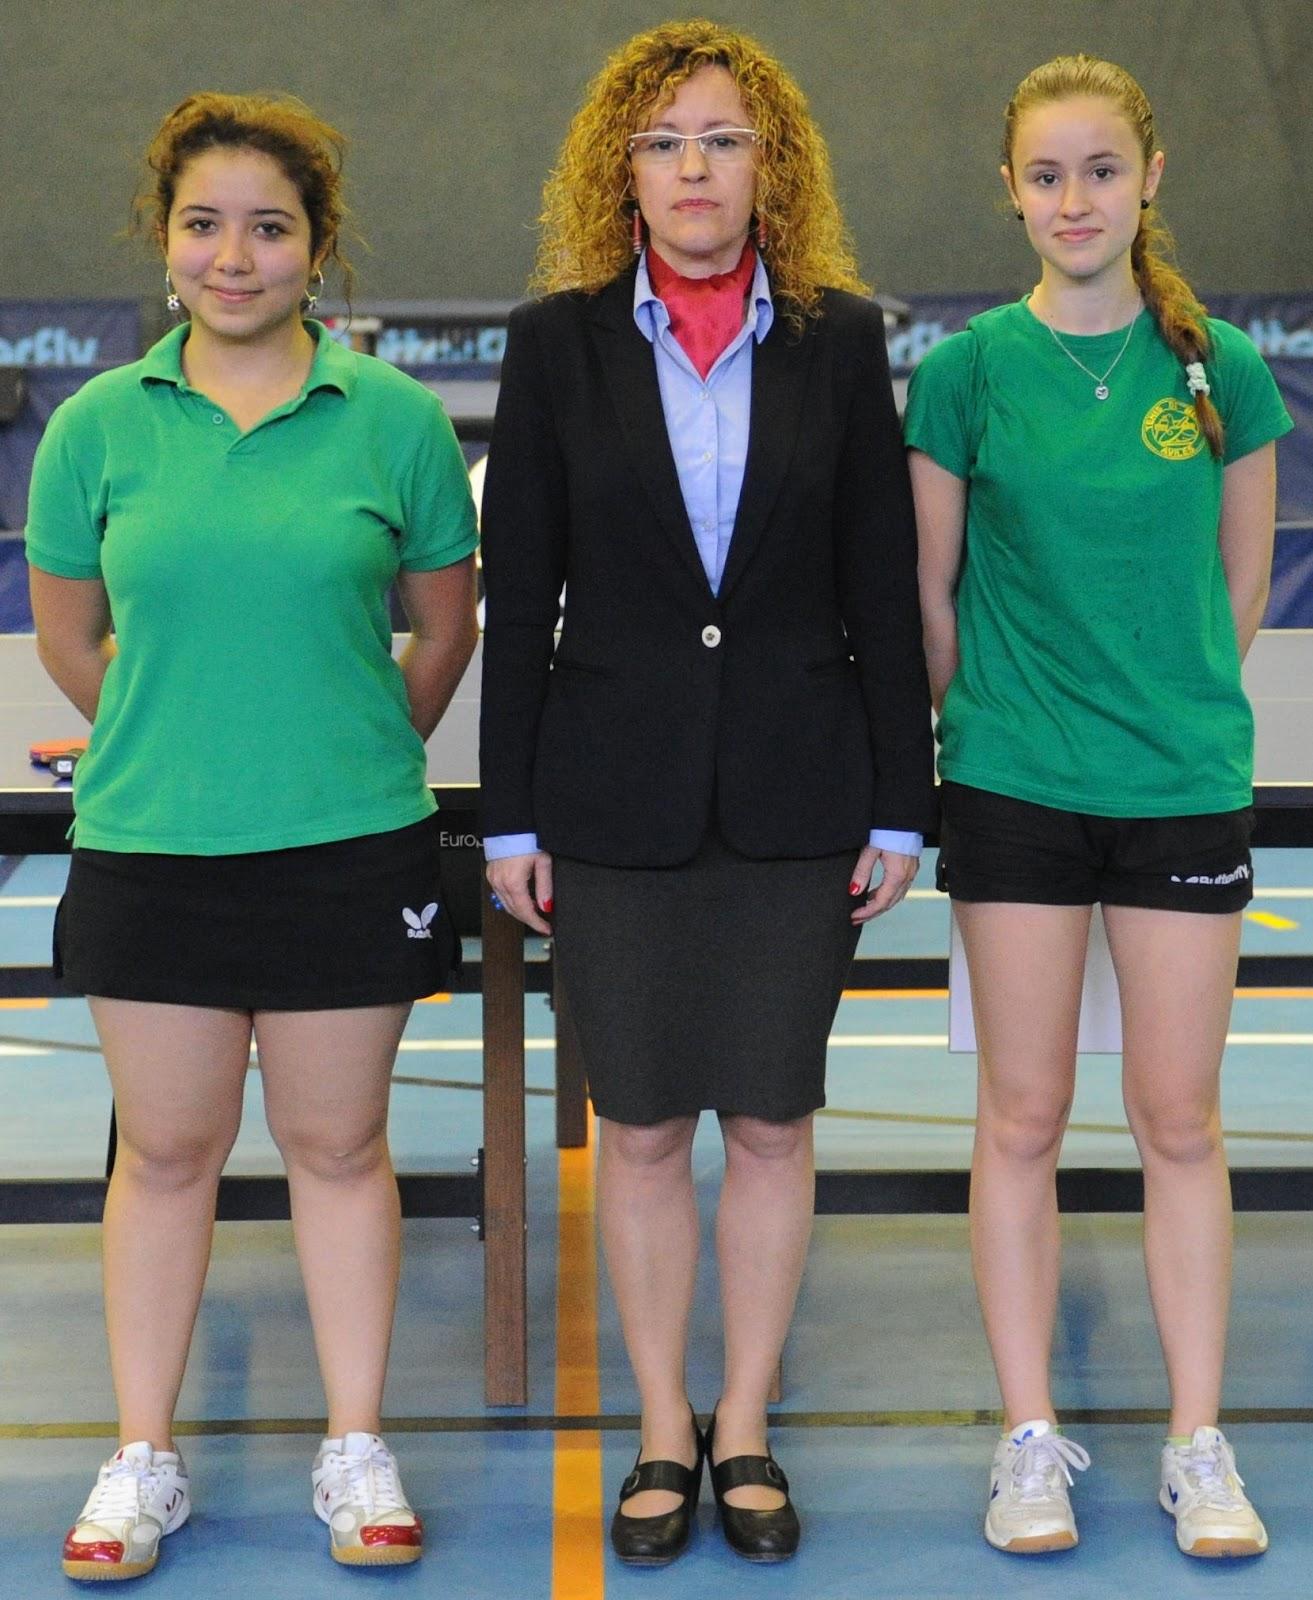 Federaci n de tenis de mesa del principado de asturias junio 2012 - Aviles tenis de mesa ...